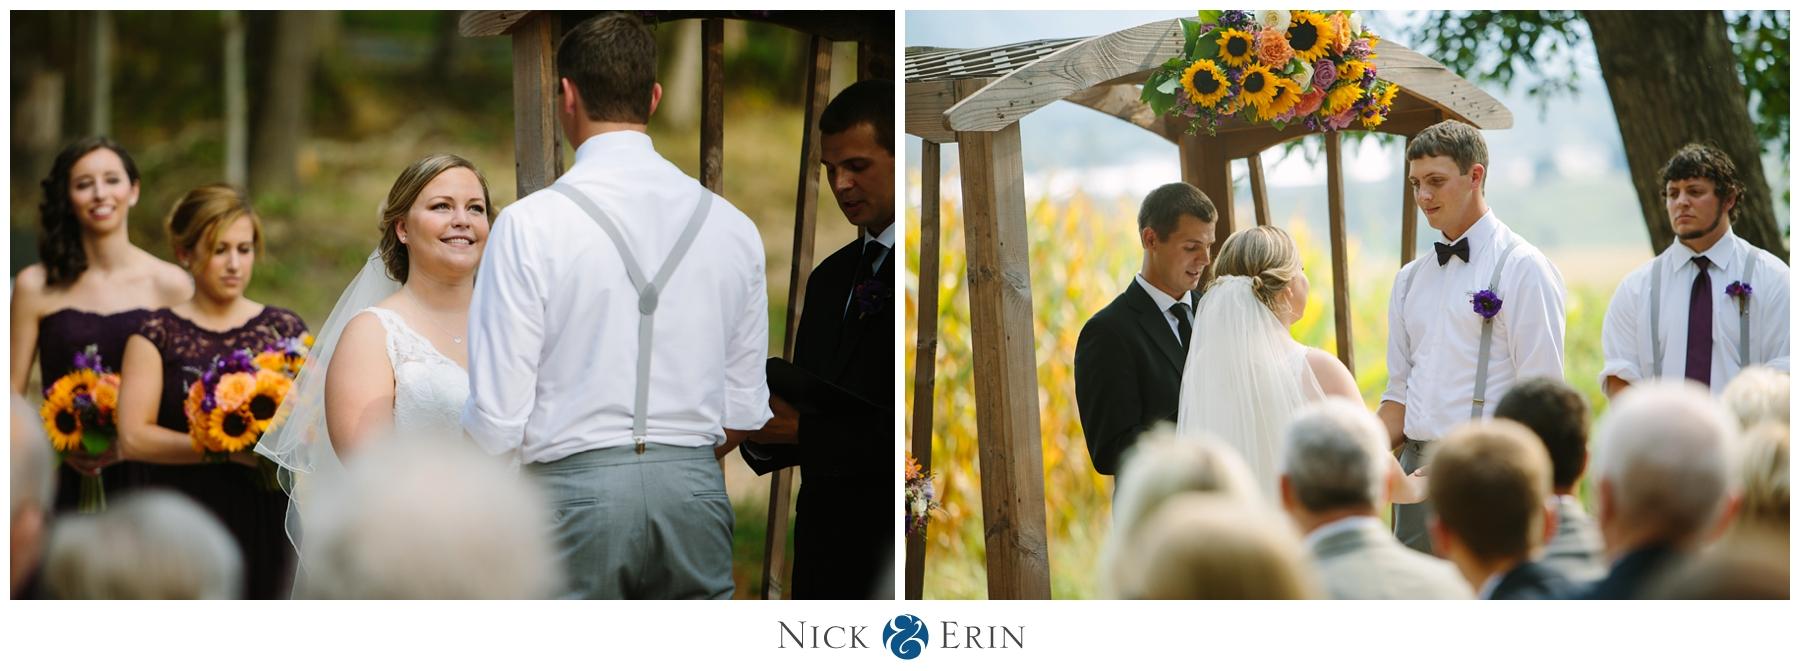 donner_photography_megan-corey-luray-virginia-wedding_0026